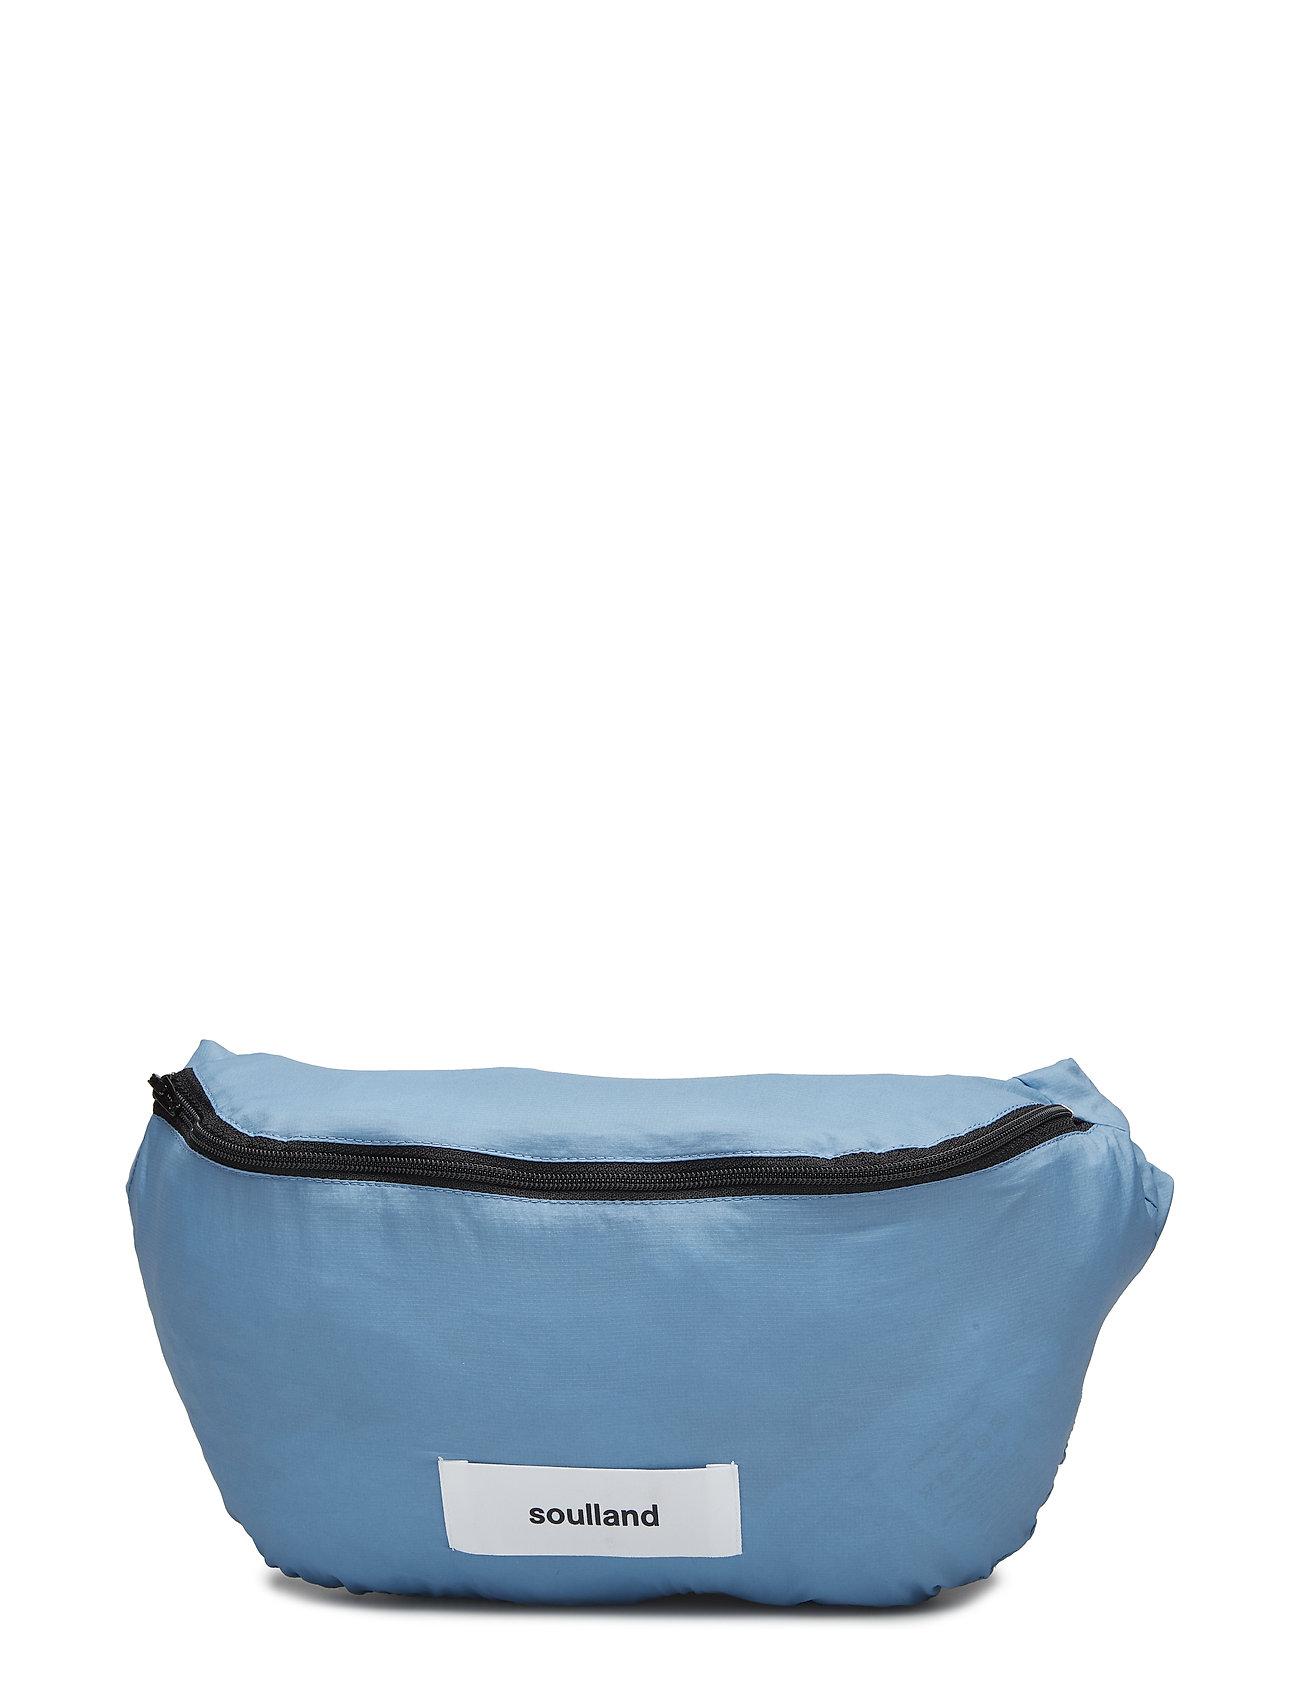 Soulland HOGAN BELT BAG - BLUE